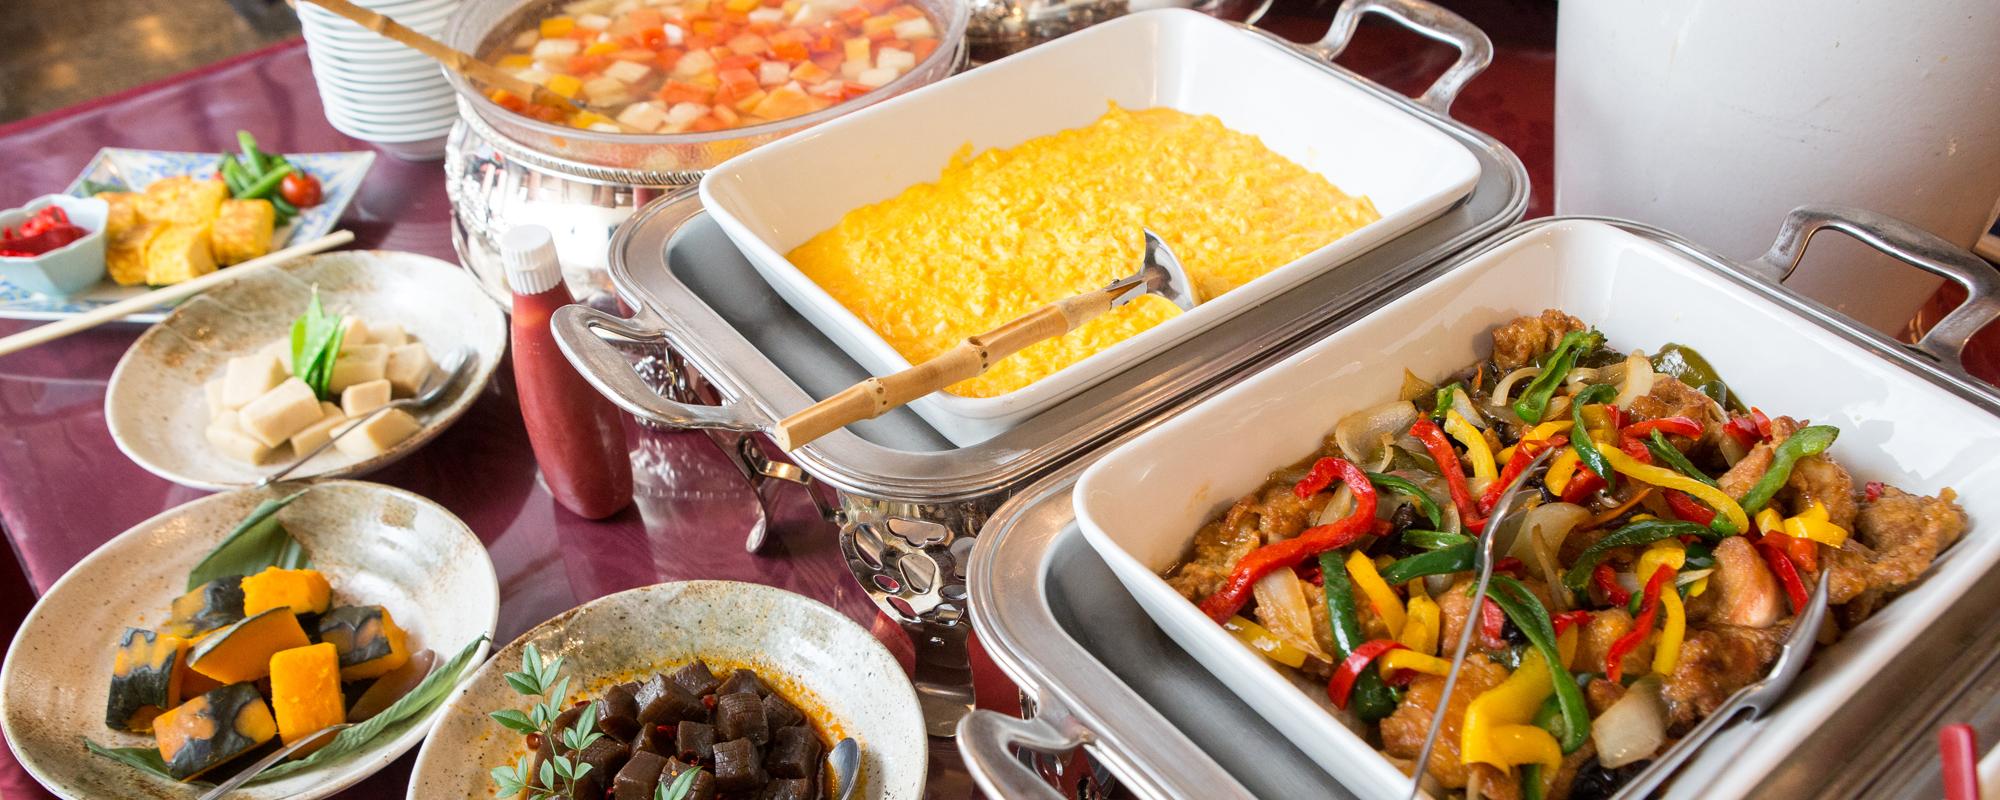 「ホテルクライトン江坂 朝食」の画像検索結果